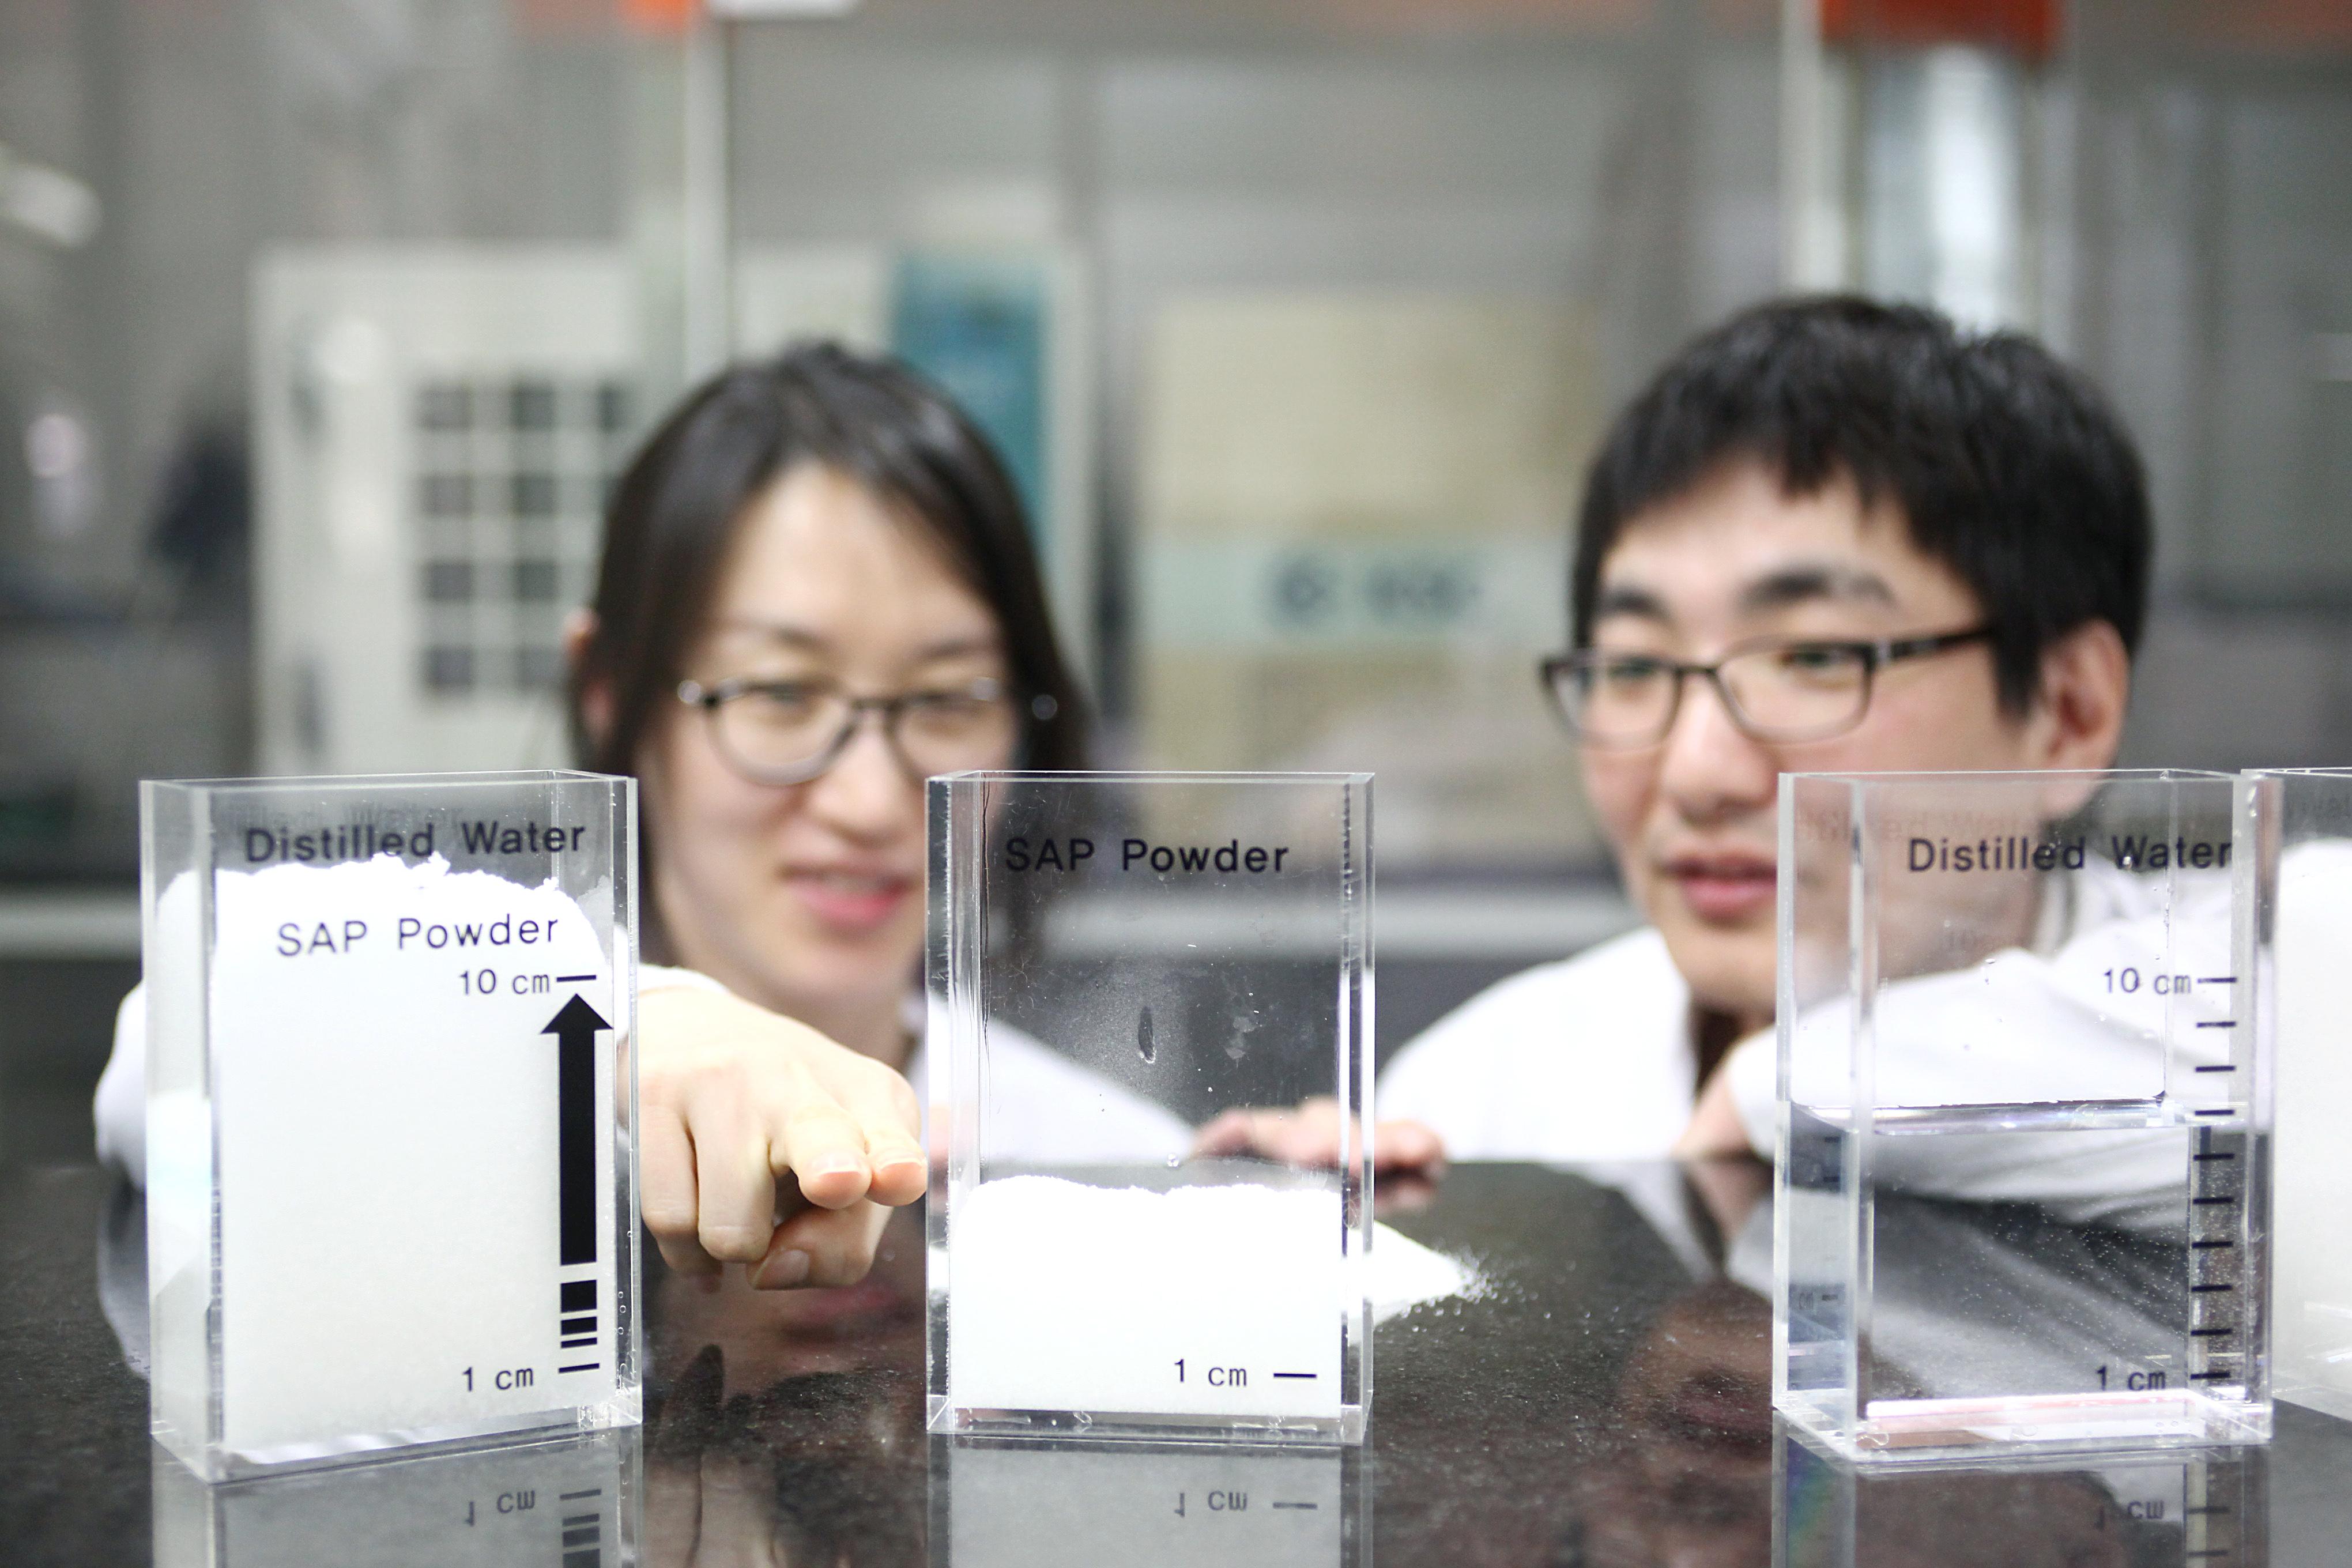 두명의 연구원이 SAP으로 실험으로 하고 있는 모습